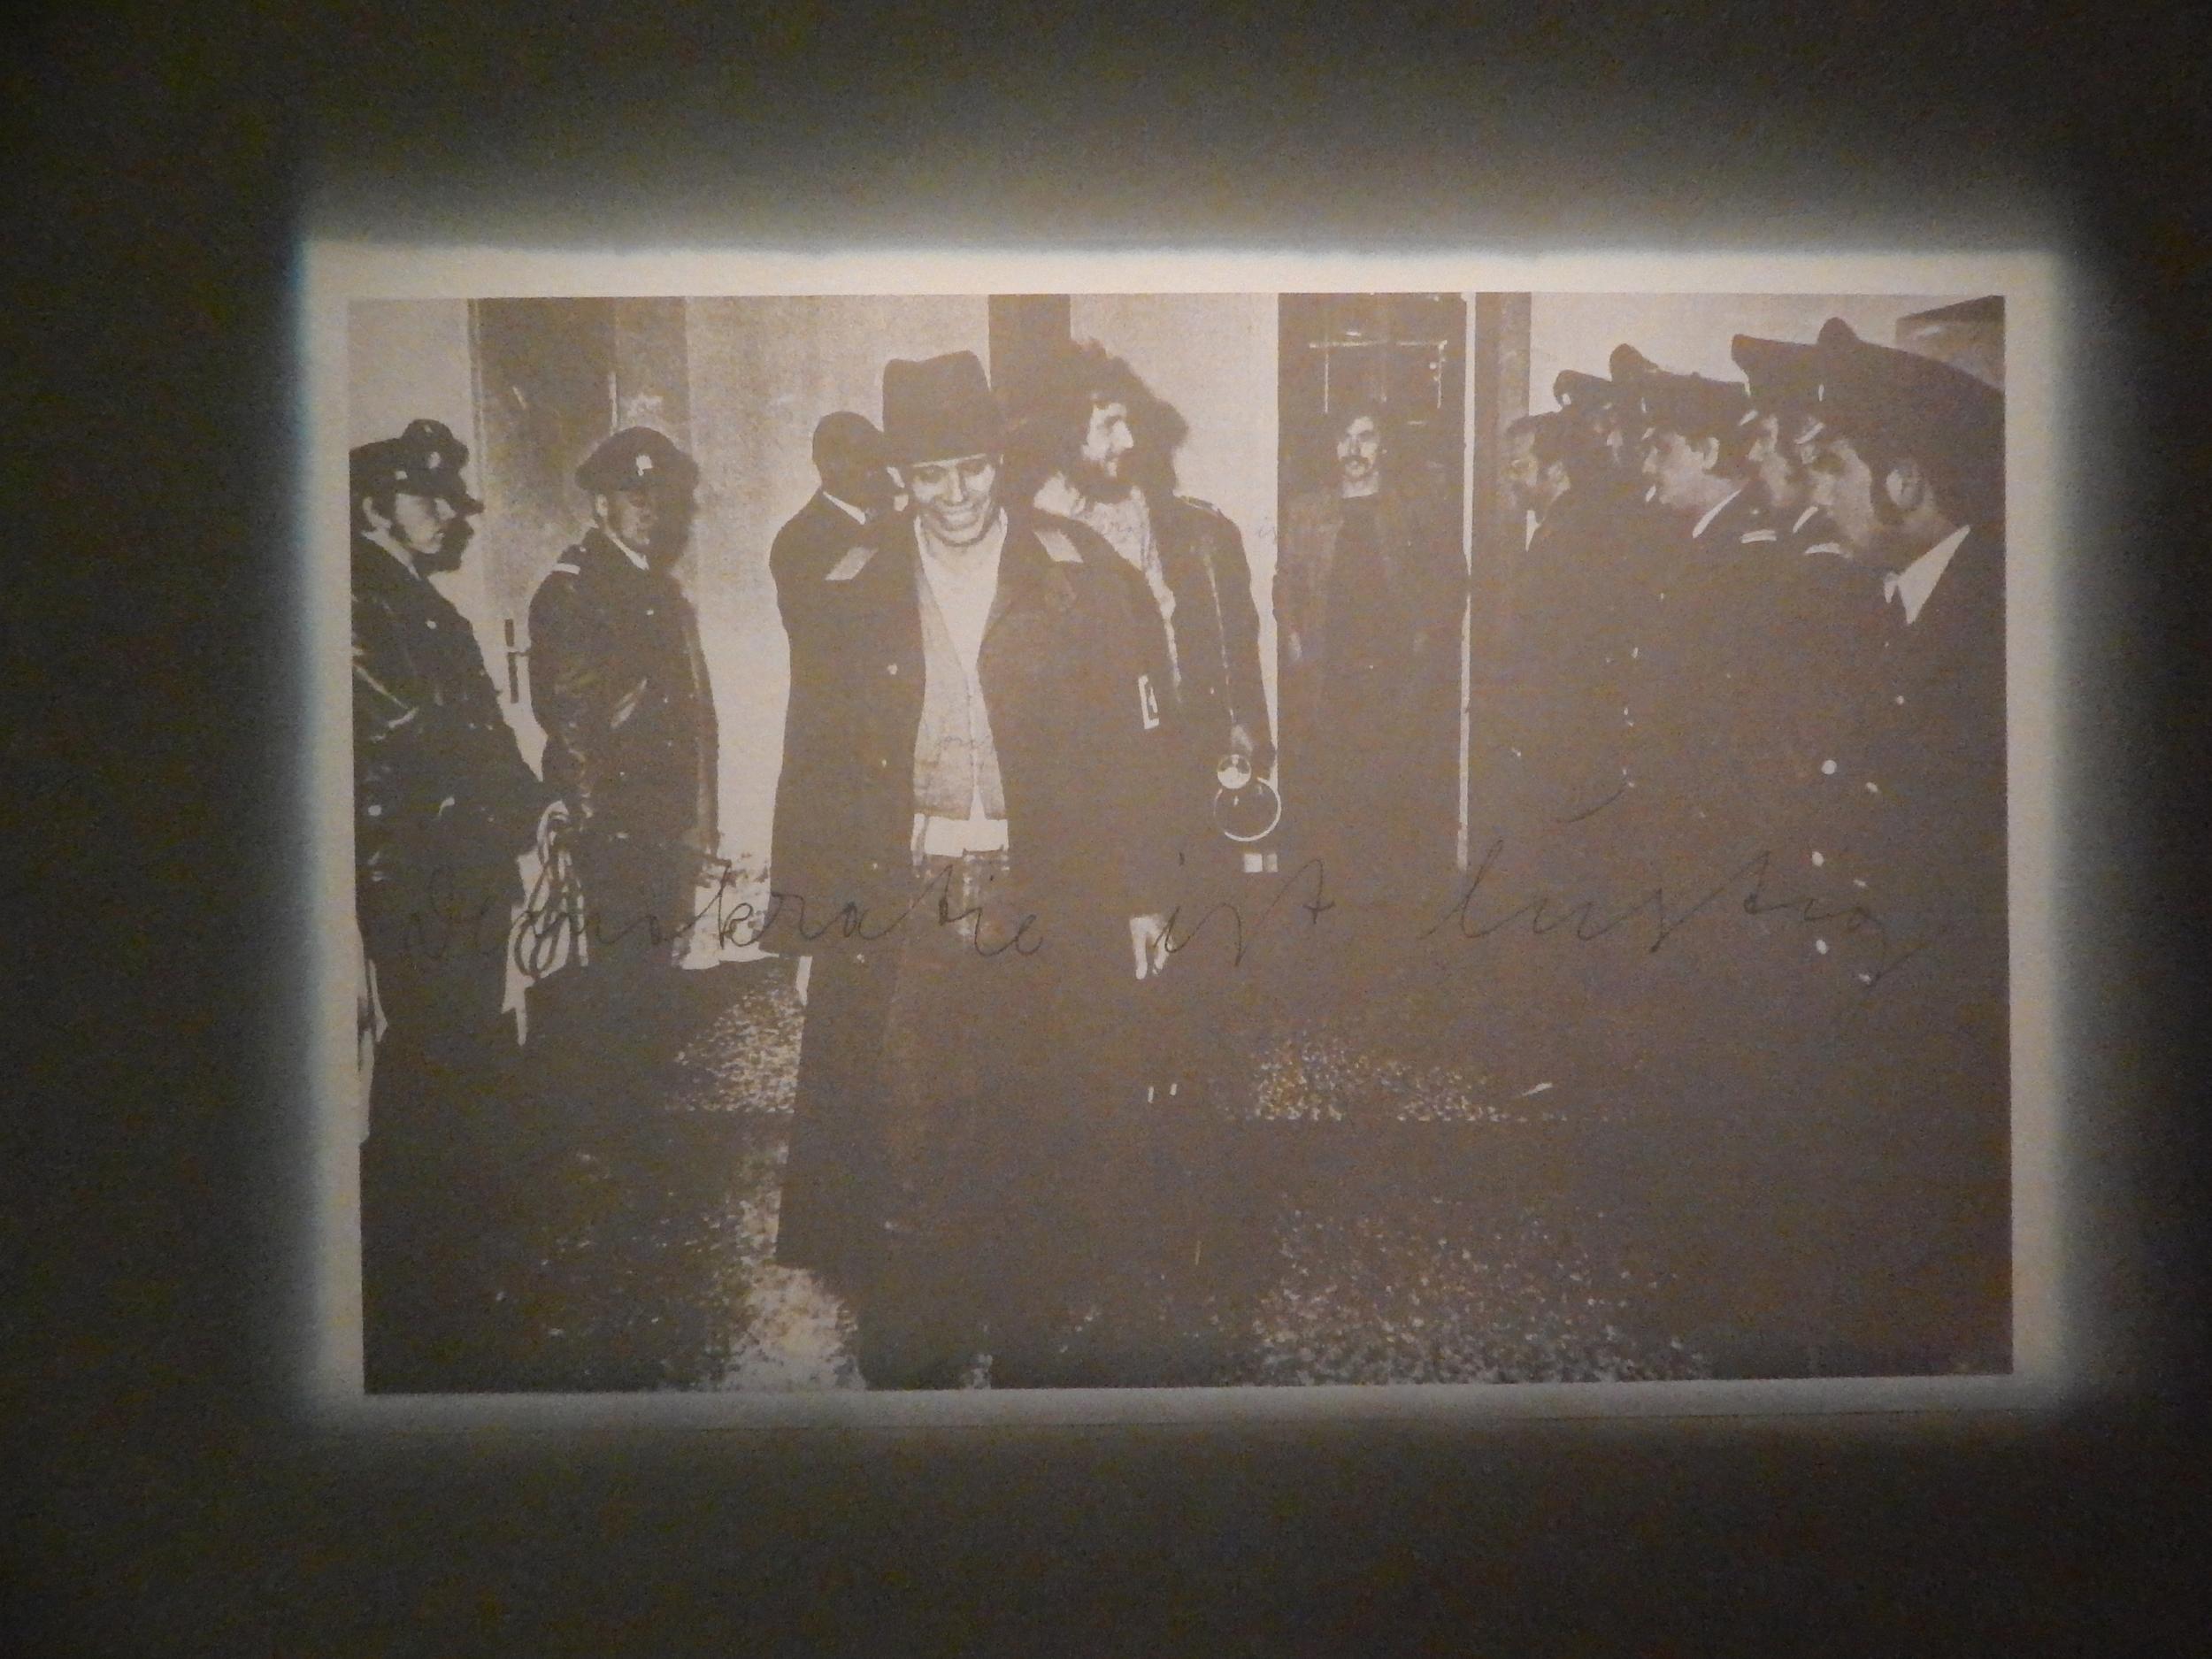 Zero Tolerance:Pprojection of Joseph Beuys' Democracy is Merry